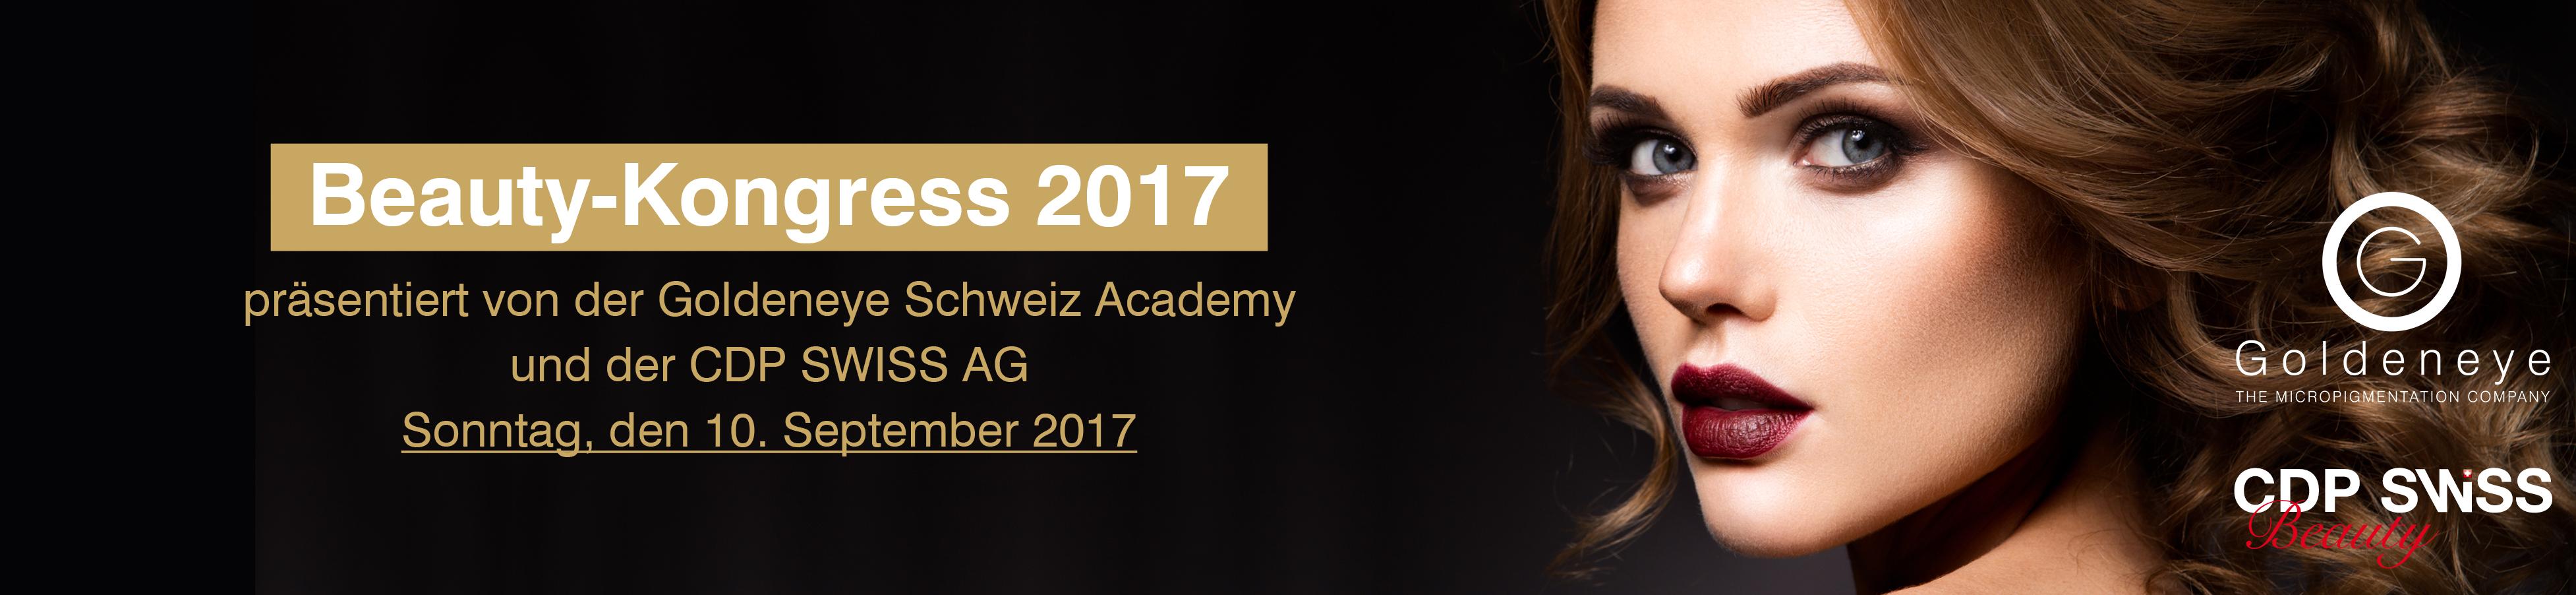 Goldeneye-Einladung-Banner20